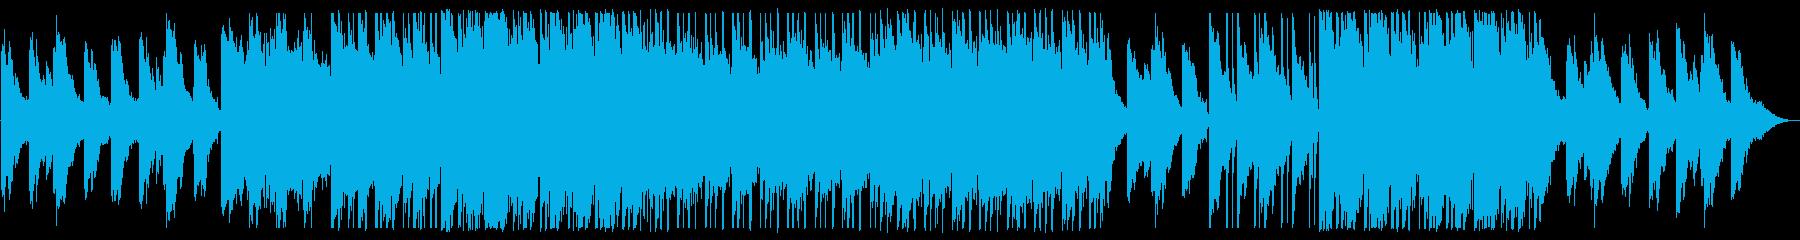 ダークで神秘的なチルアウトの再生済みの波形